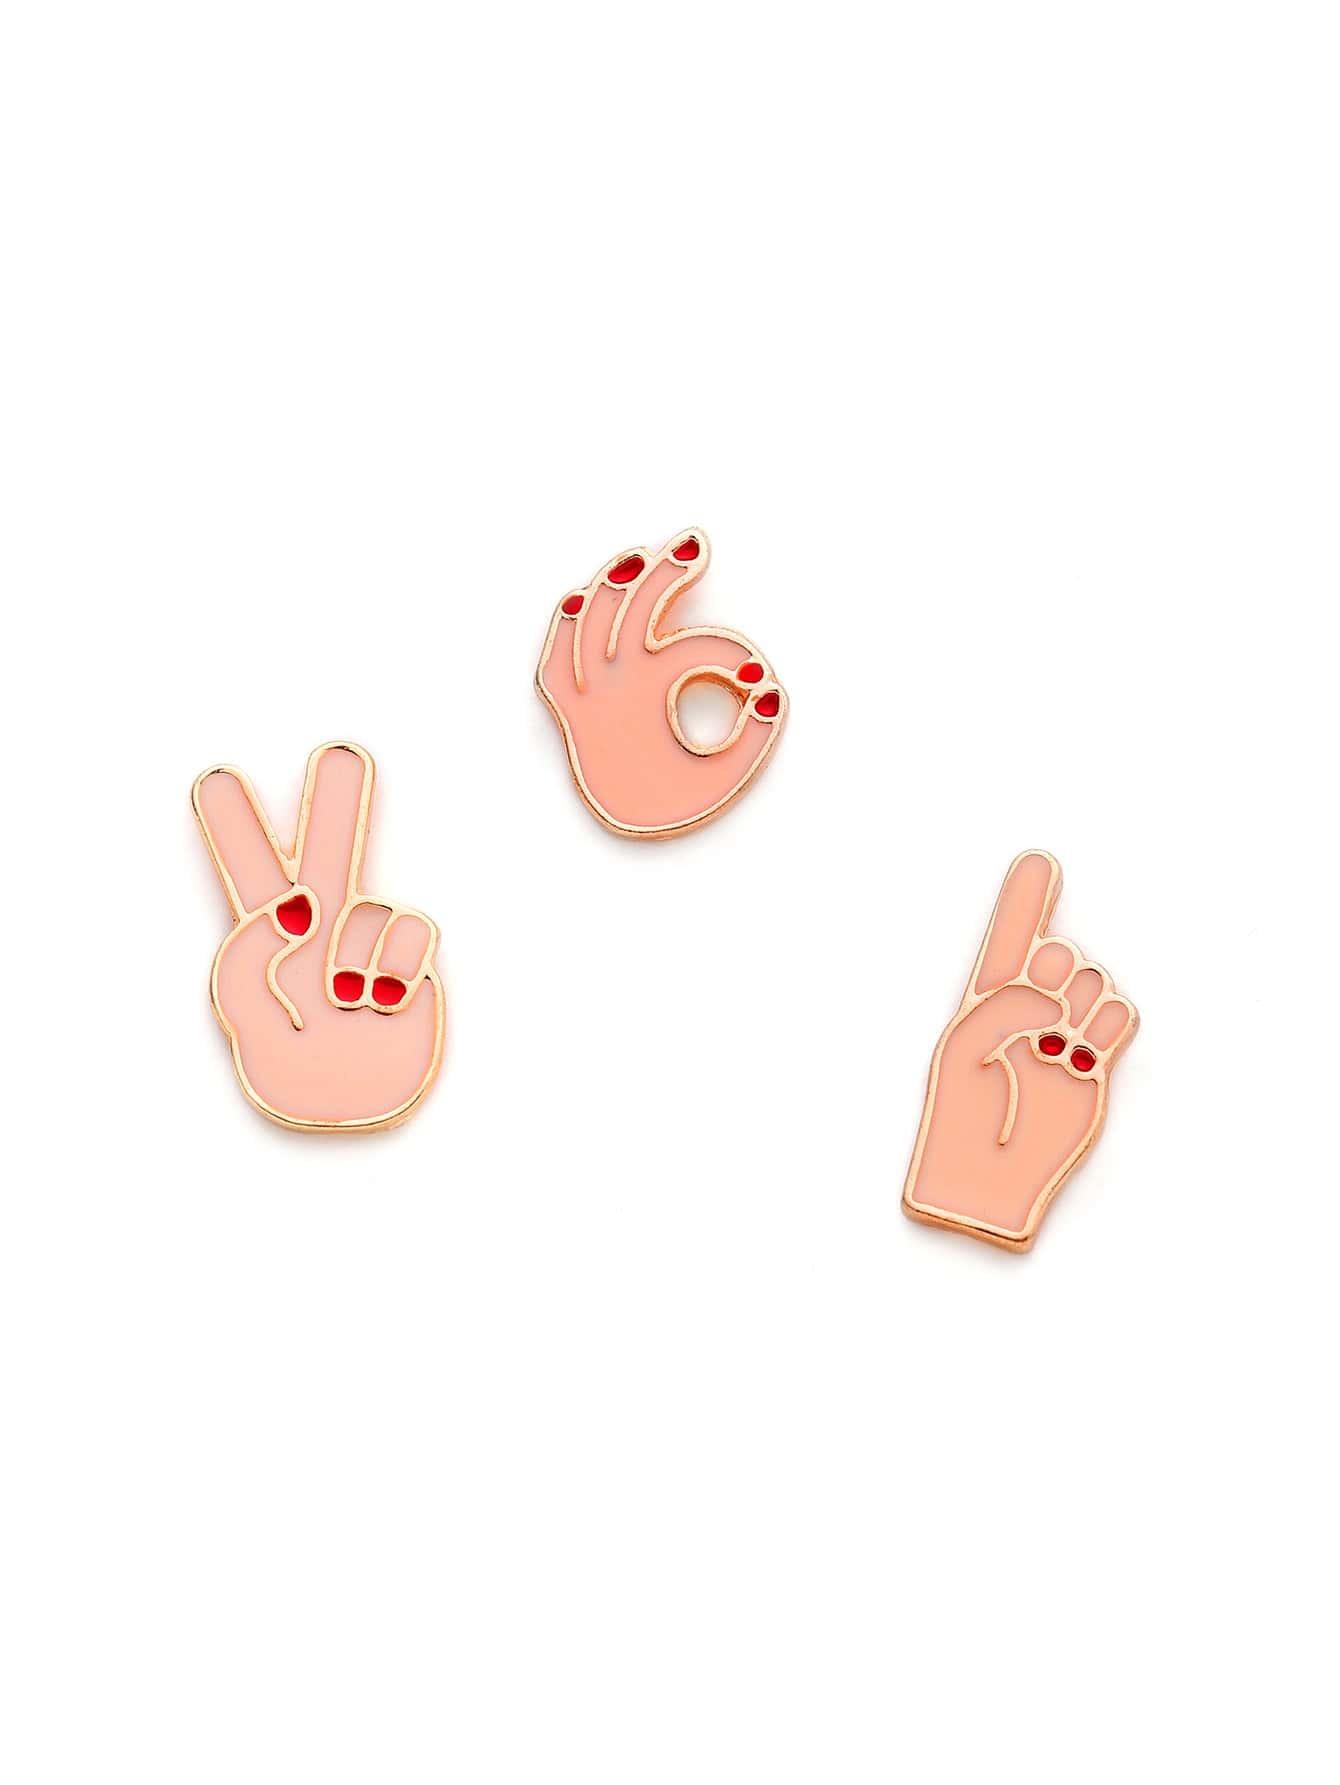 Cute Gesture Brooch Set